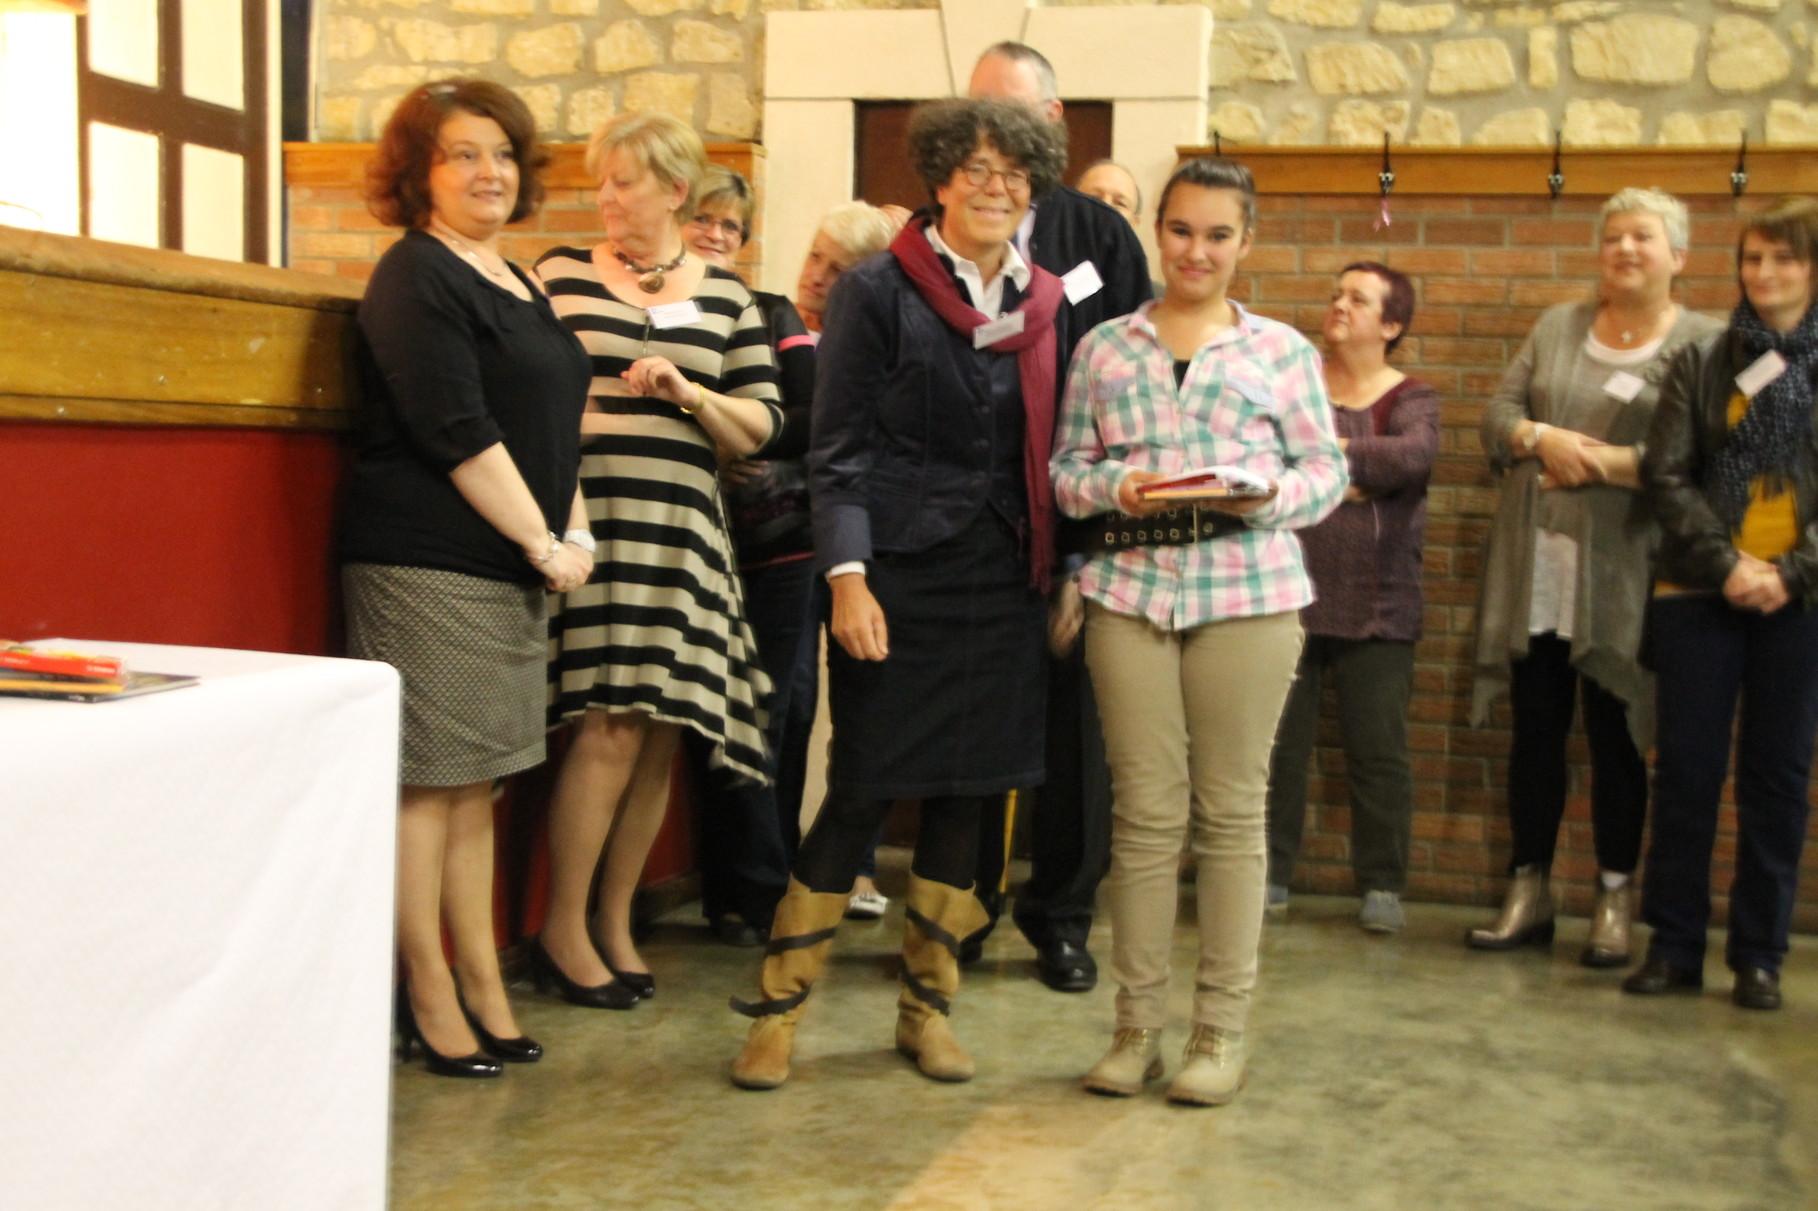 15ème prix remis par Marie Claire Stas - Membre de la LIR Arlon